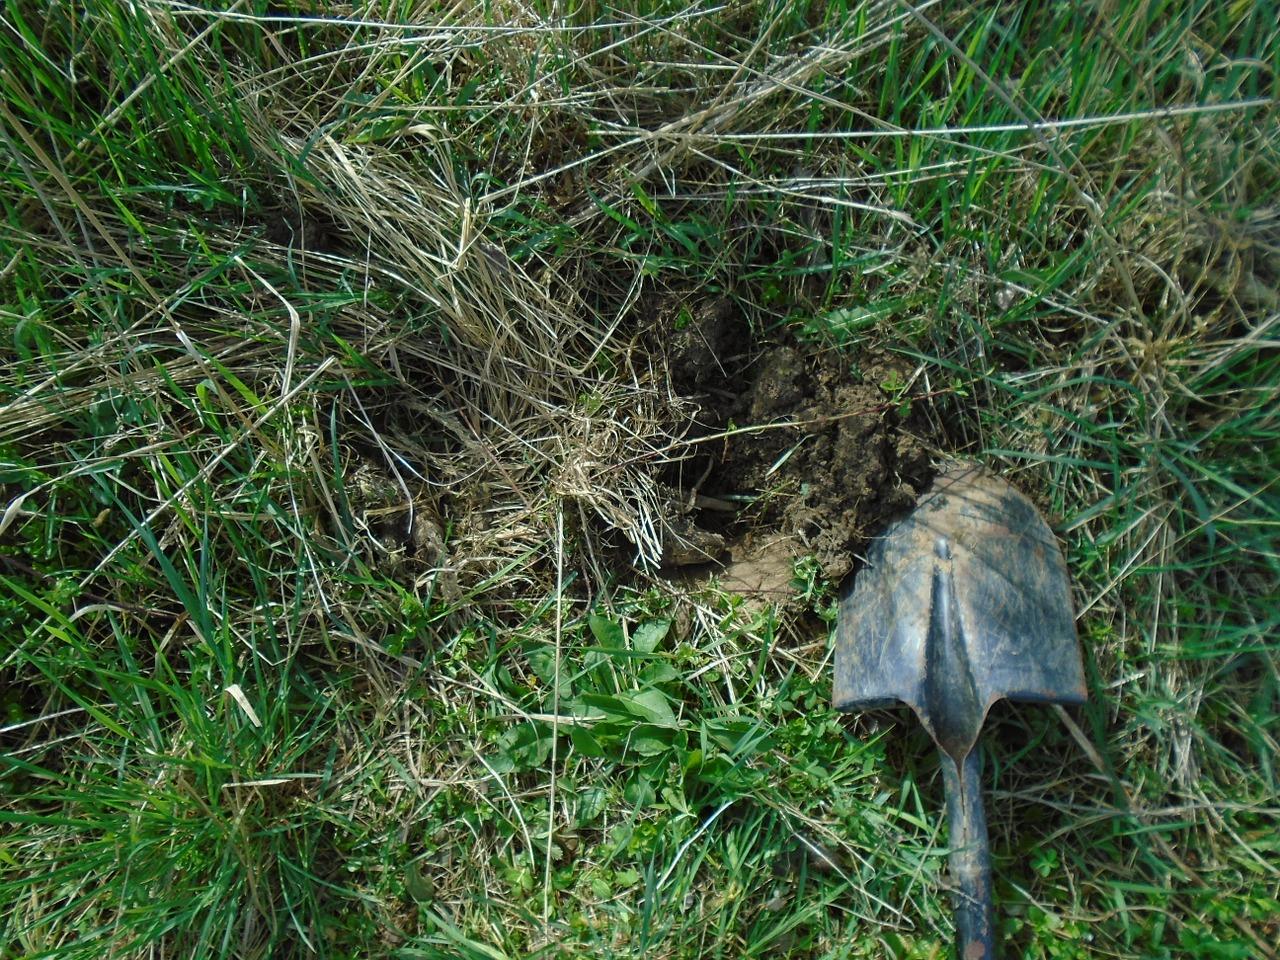 Das Bild zeigt Gras und einen Spaten.